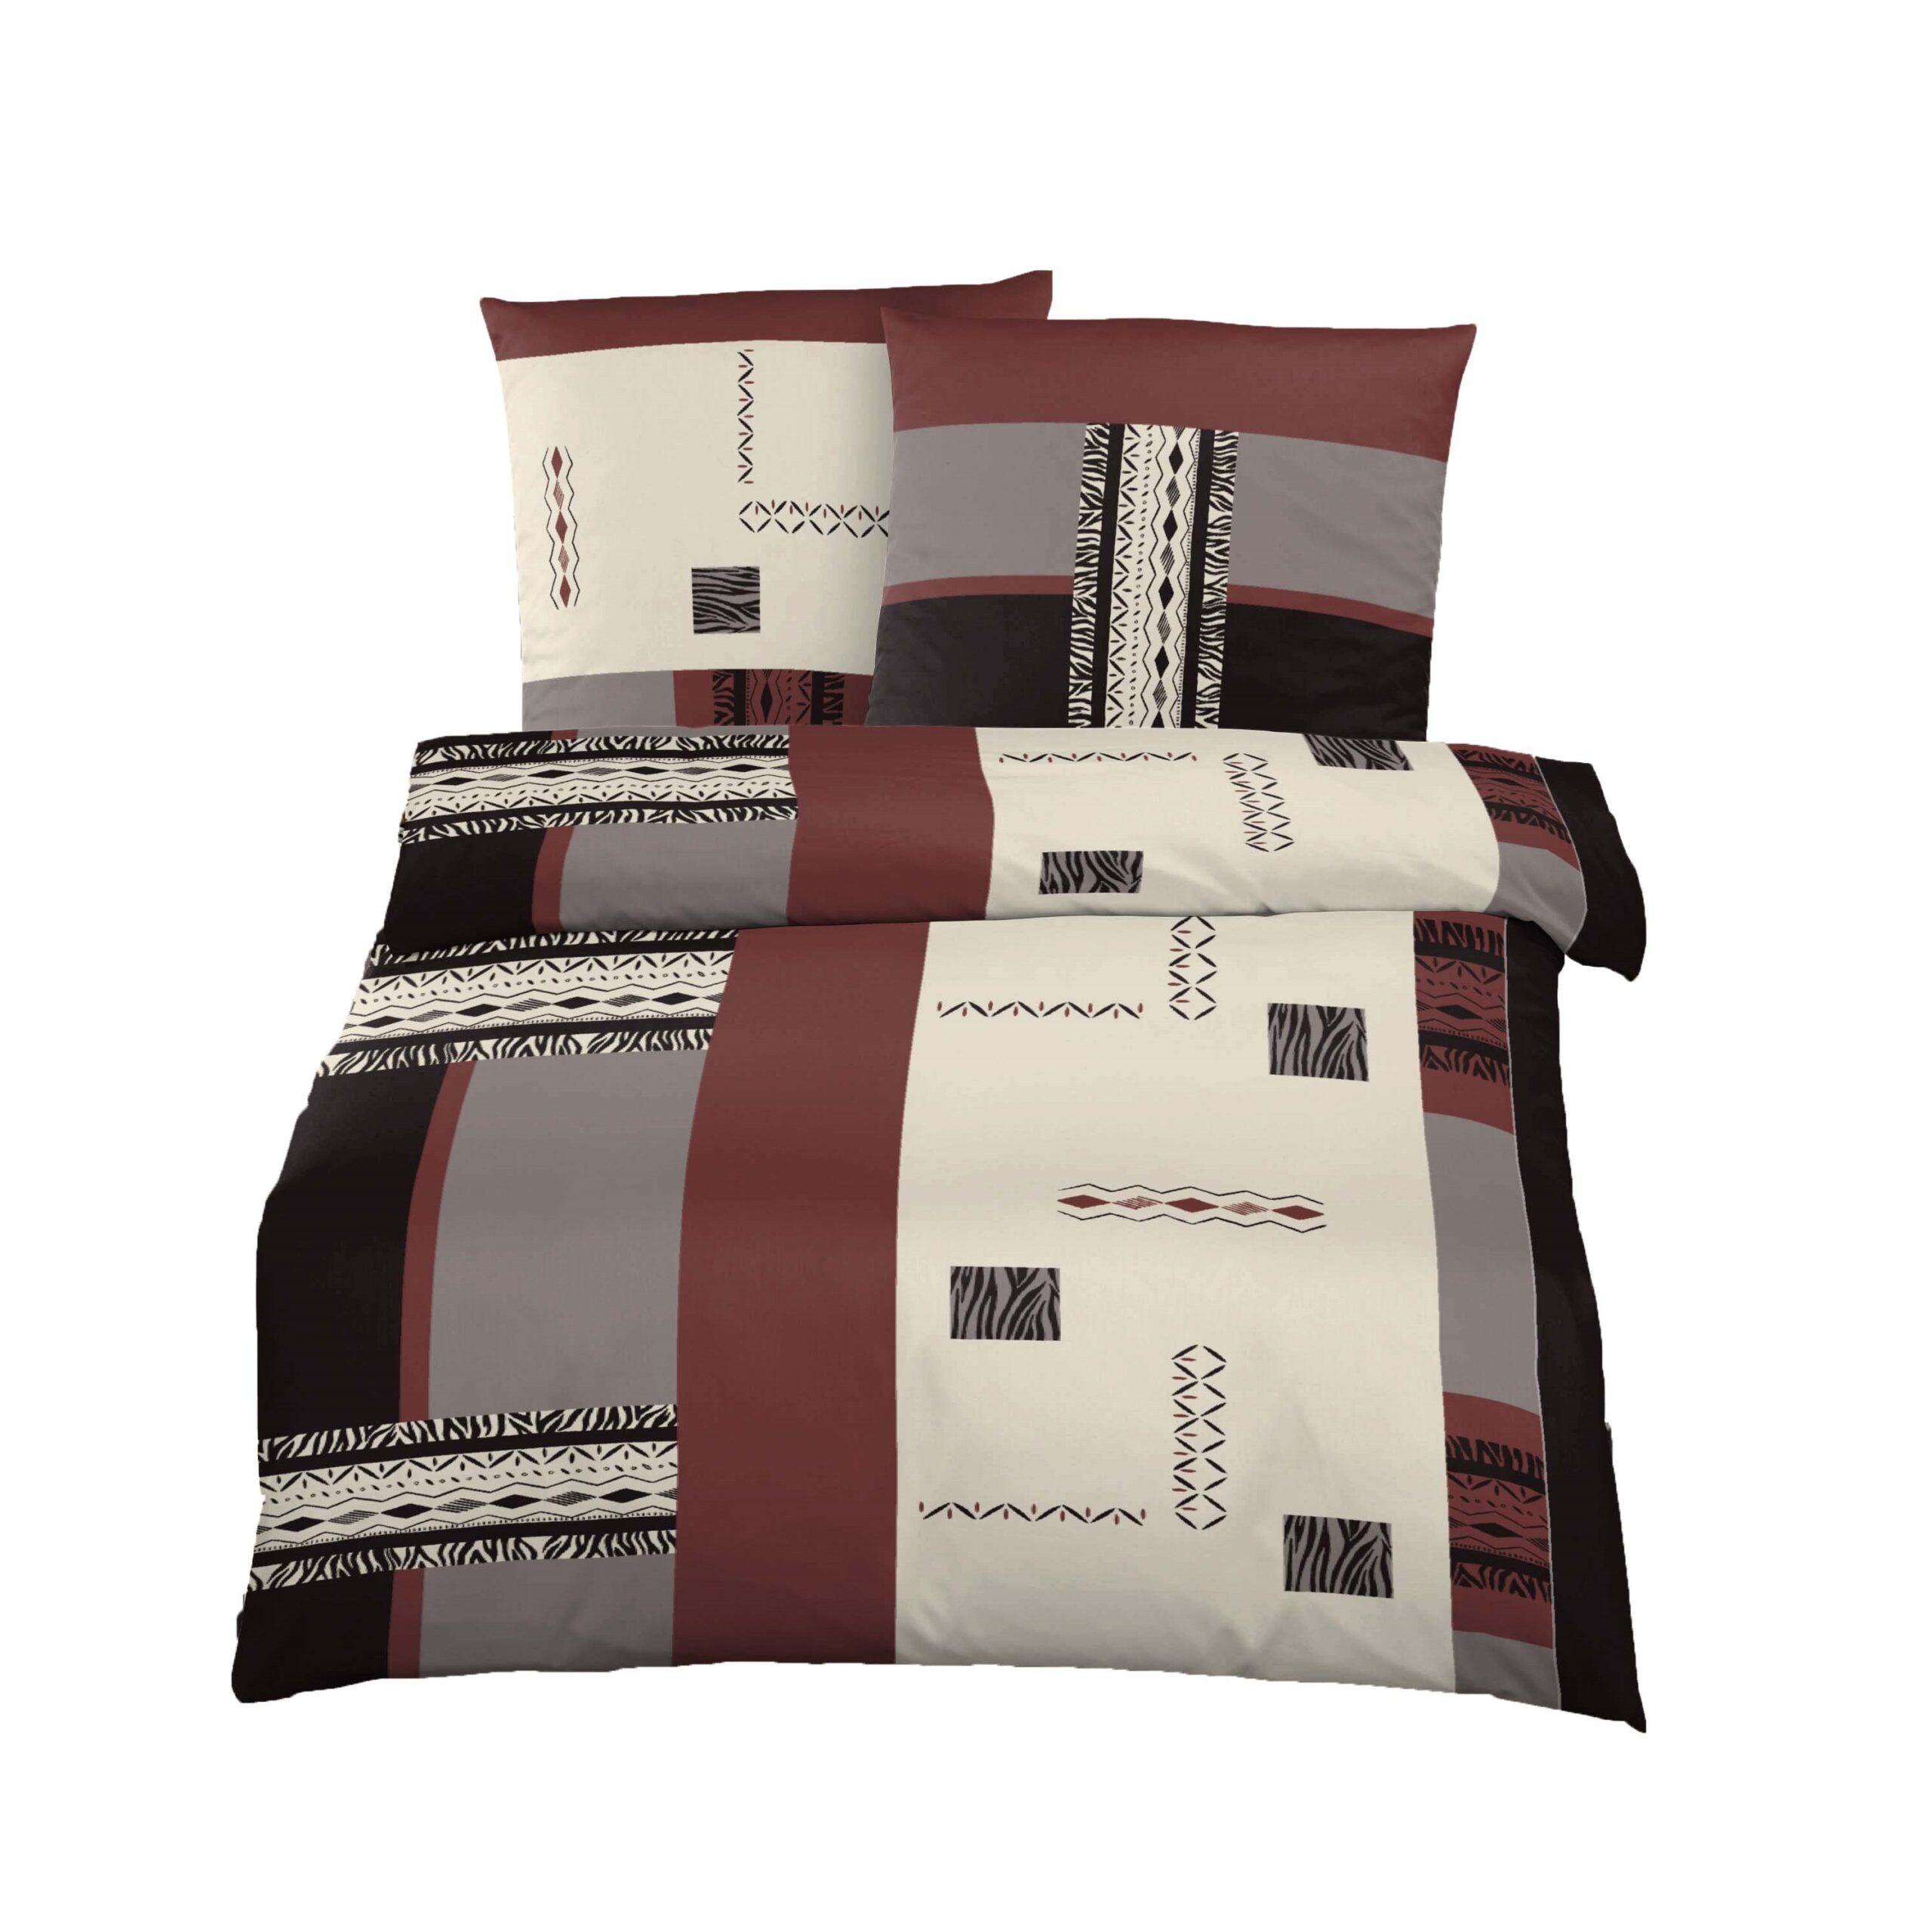 Full Size of Lustige Bettwäsche 155x220 4 Teilig Bettwsche Cm Afrikanisch Rot Beige Fein Biber T Shirt Sprüche T Shirt Wohnzimmer Lustige Bettwäsche 155x220